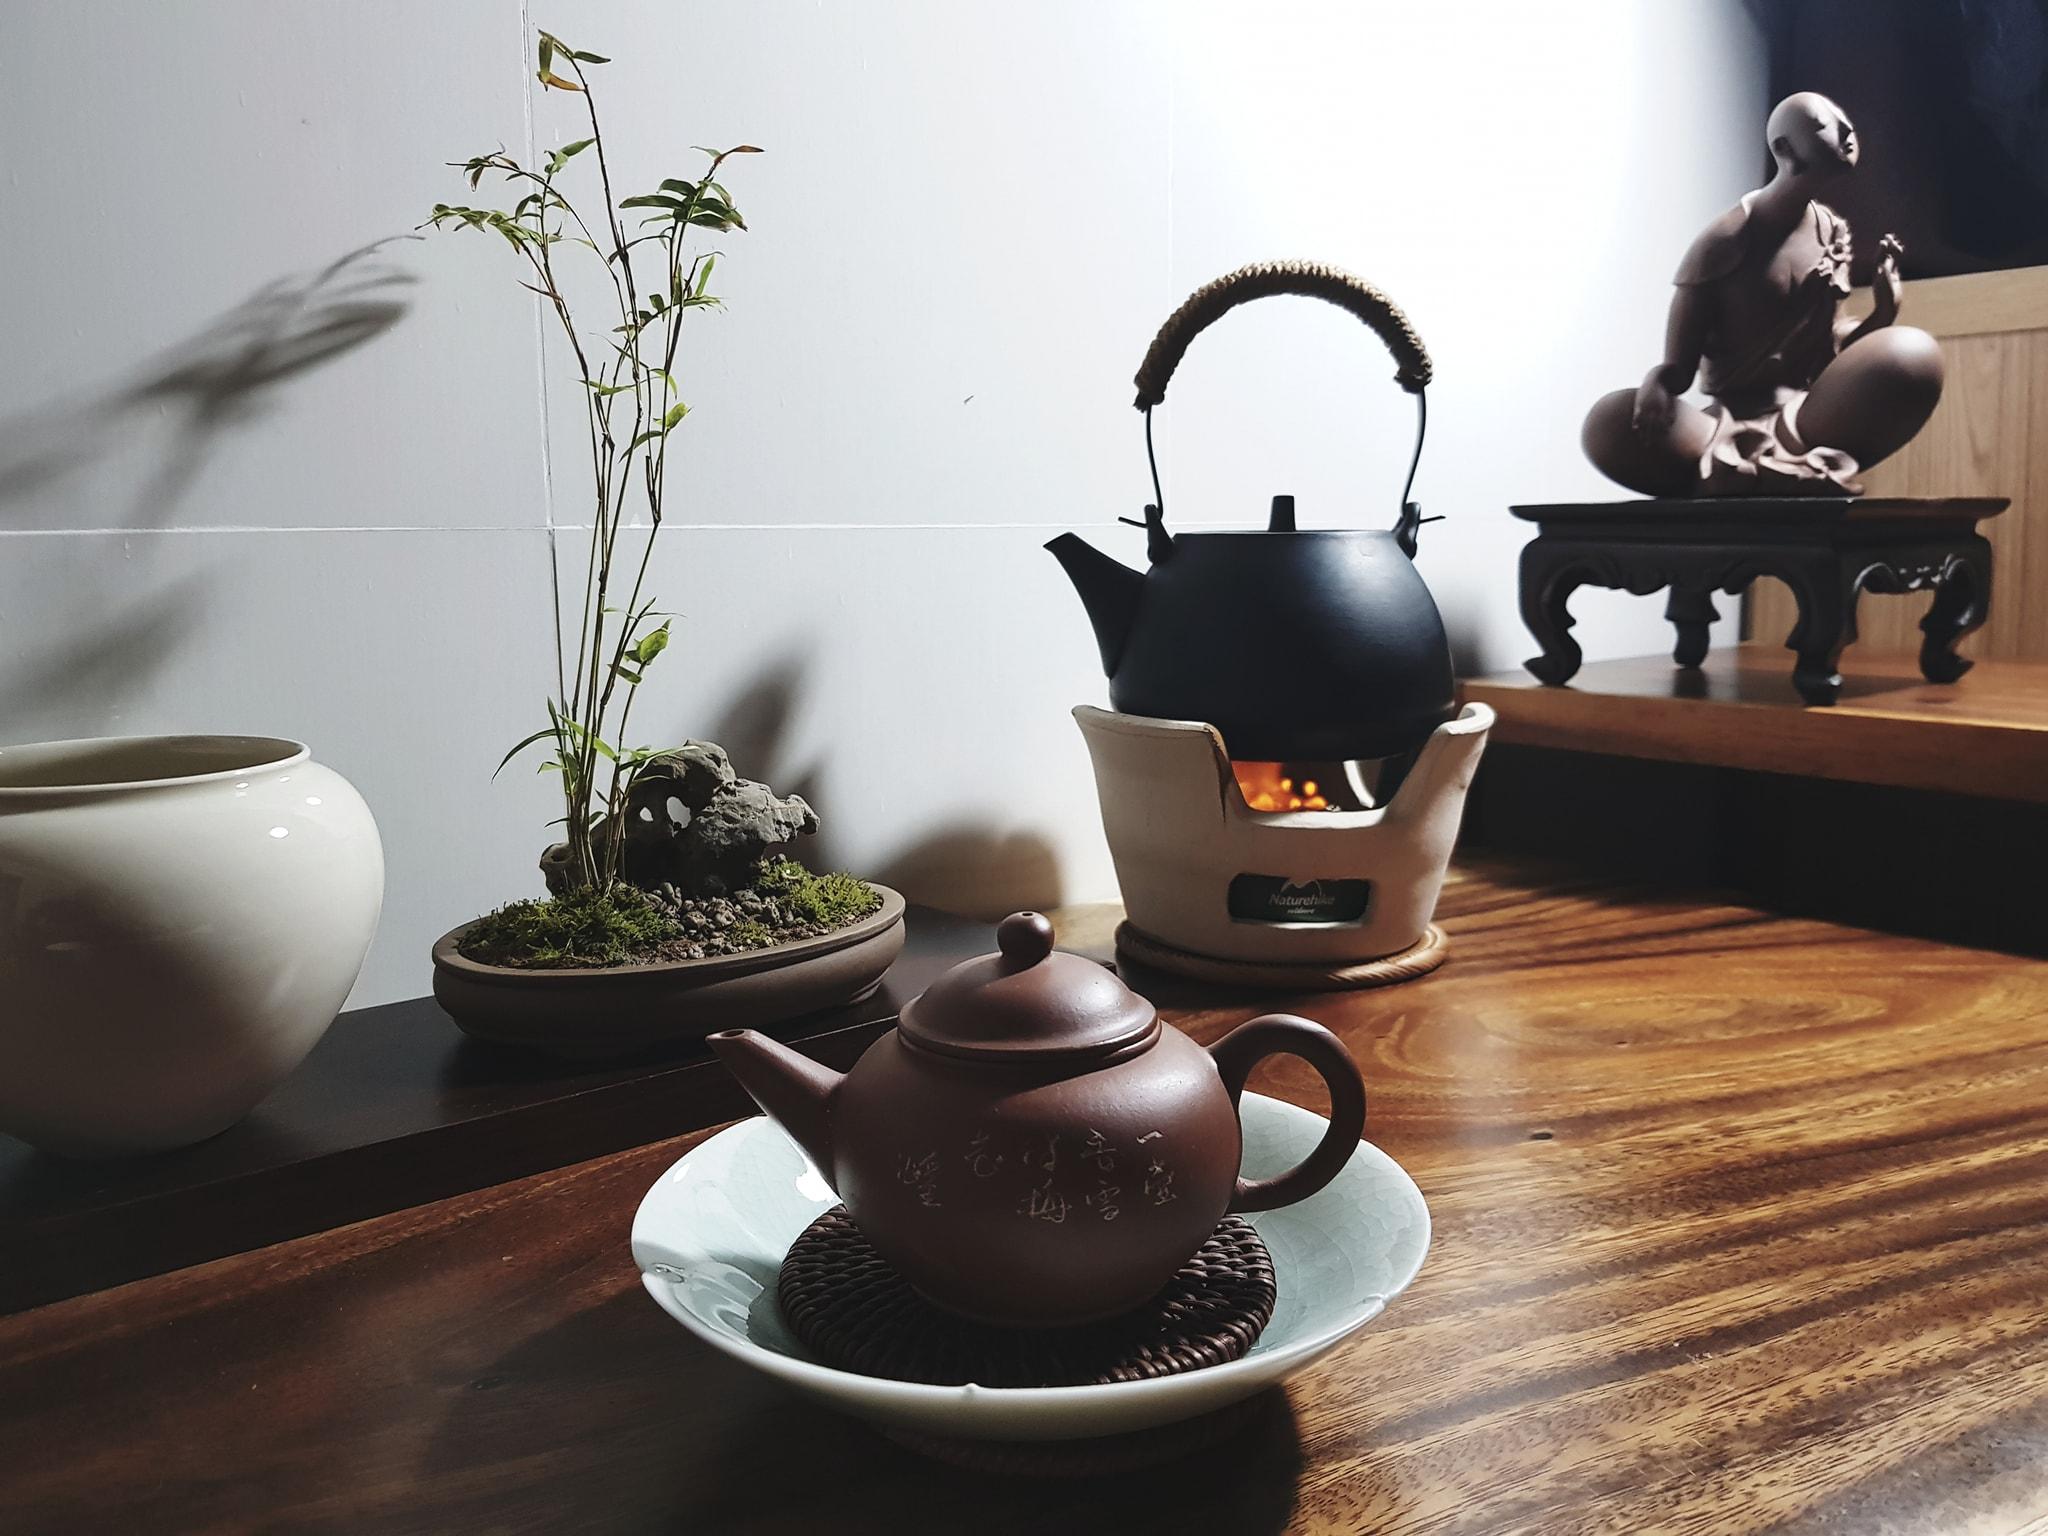 Trà có tác dụng giải khát thanh tâm, trà còn dùng để tu dưỡng tính tình